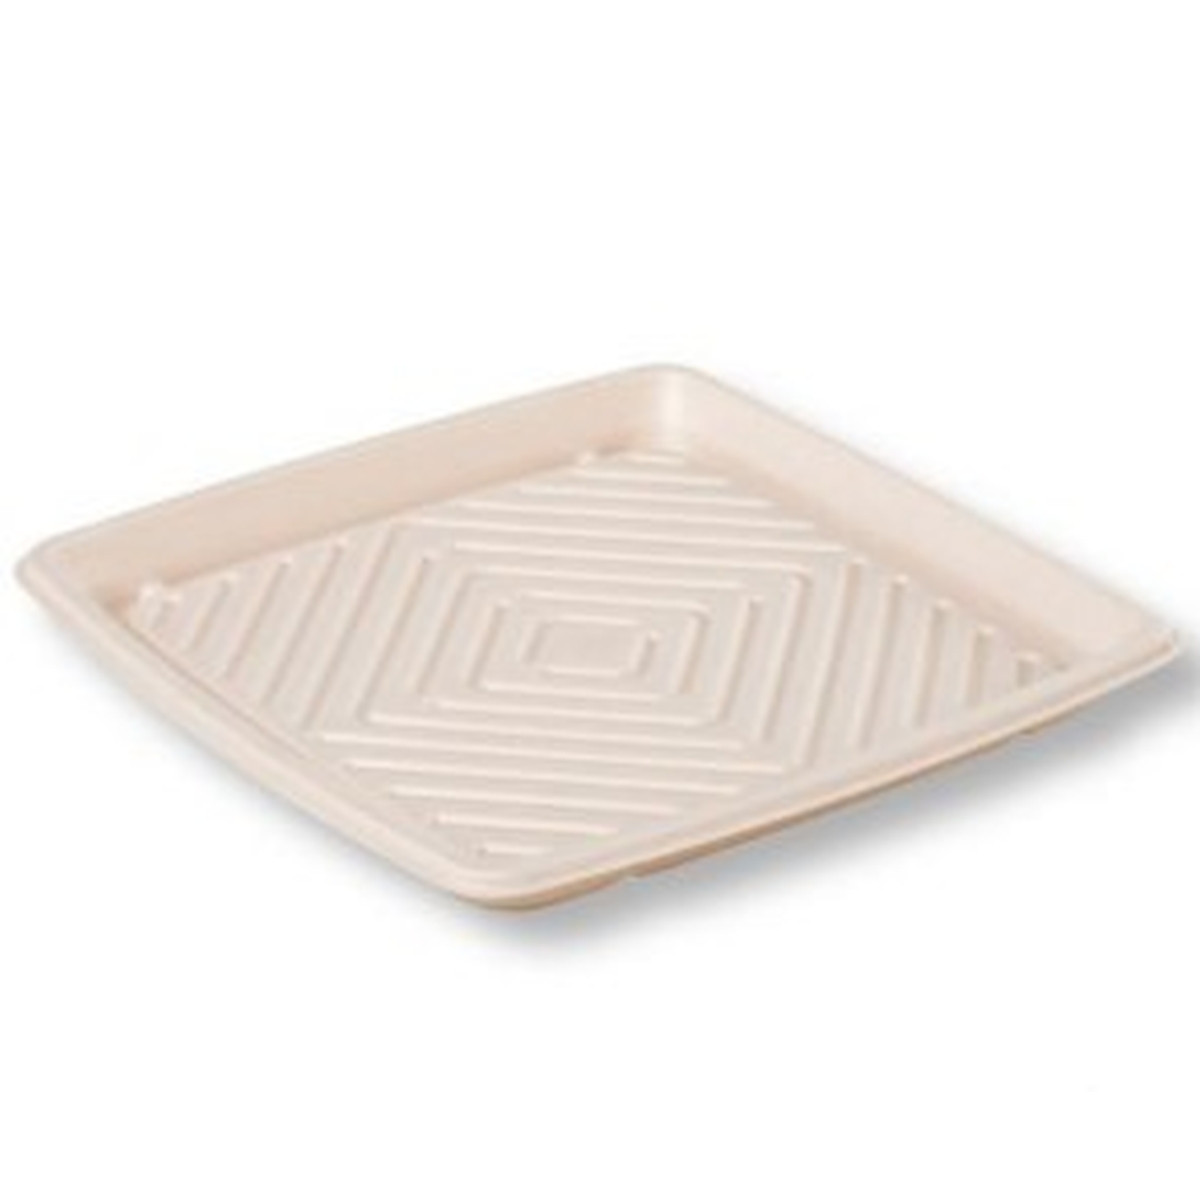 104-05-0156 Platte für Catering 36x36cm (PULP)